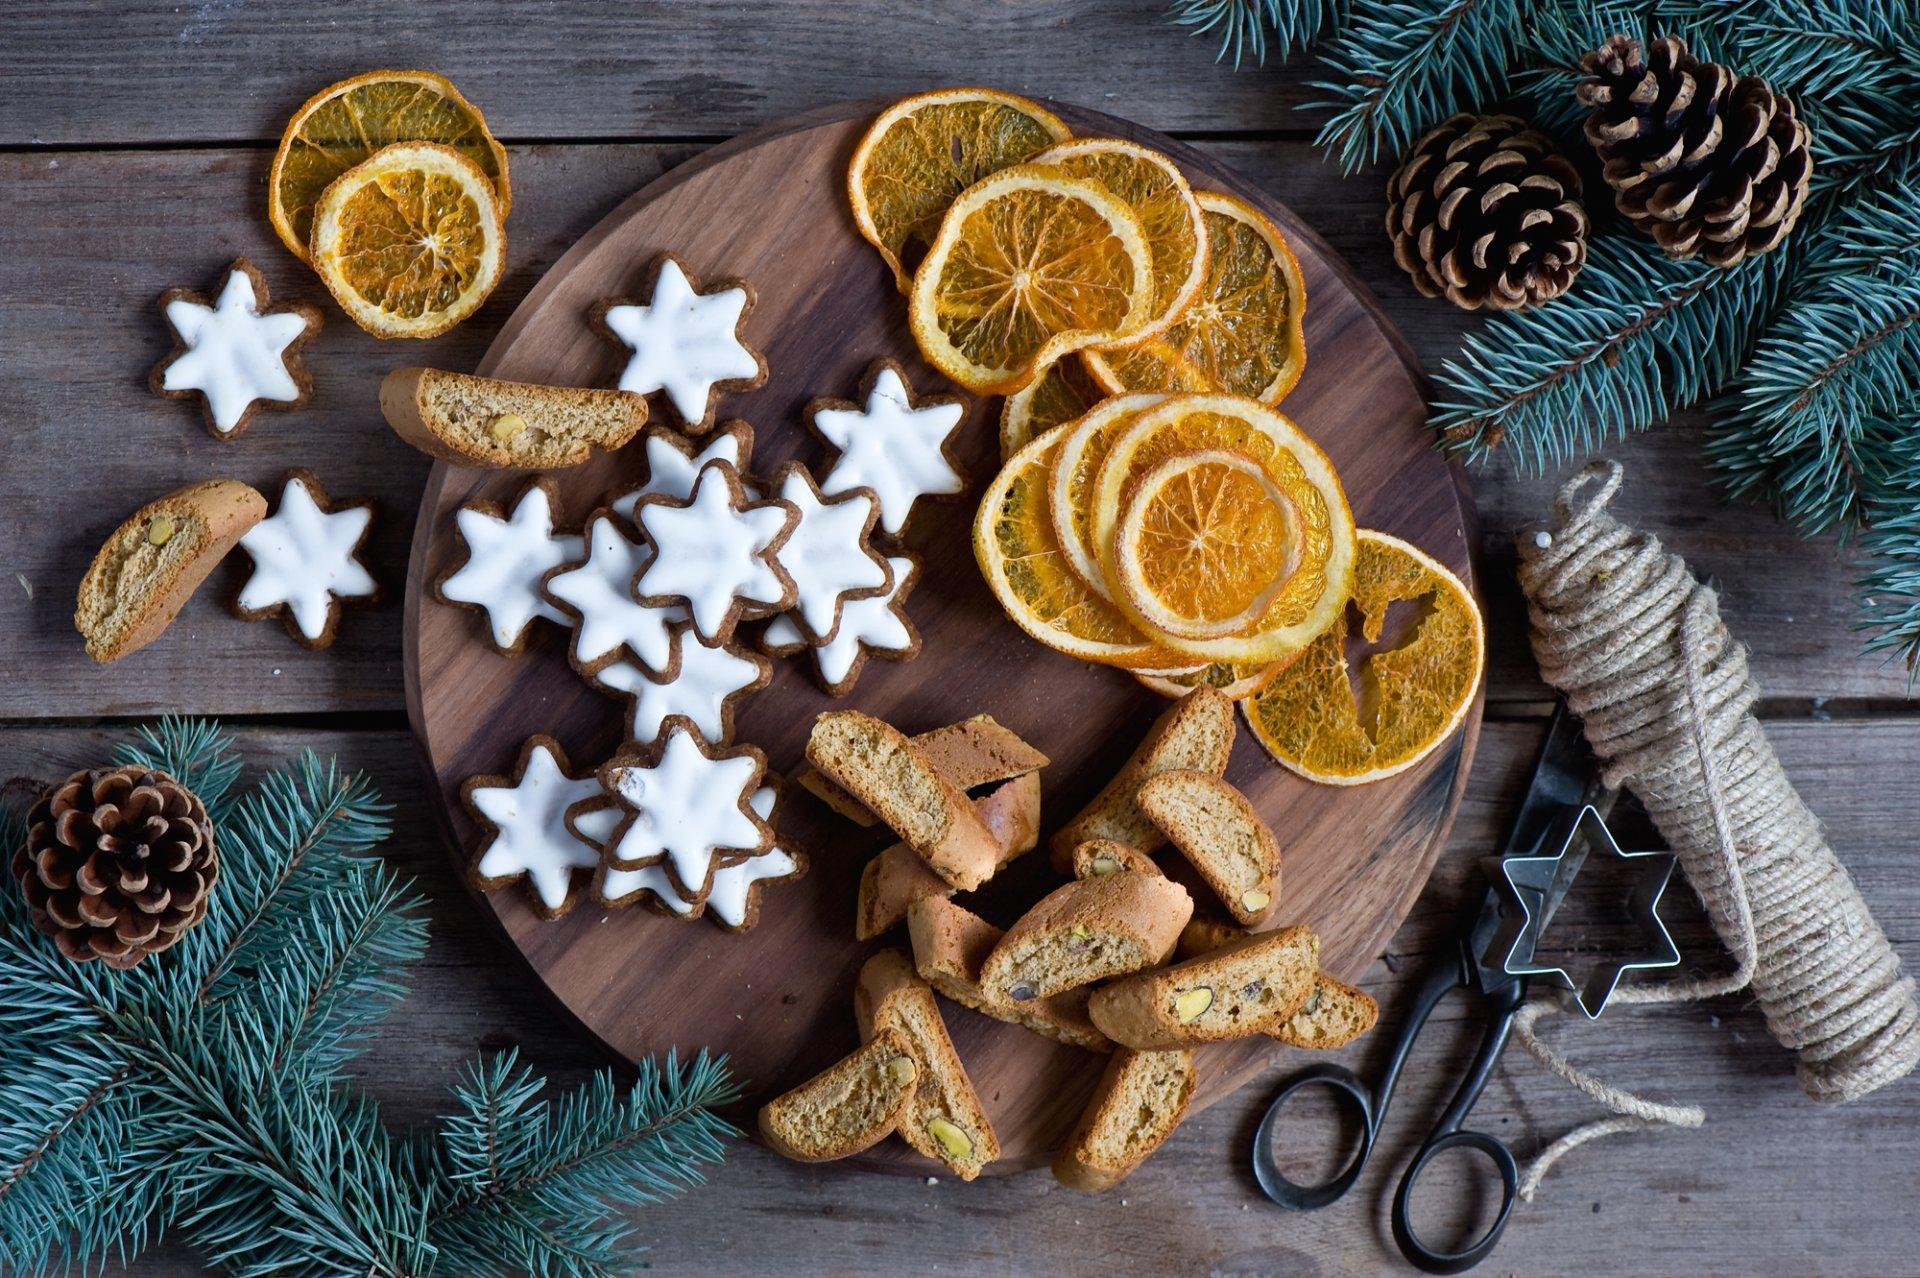 рождественское печенье картинки говорю том